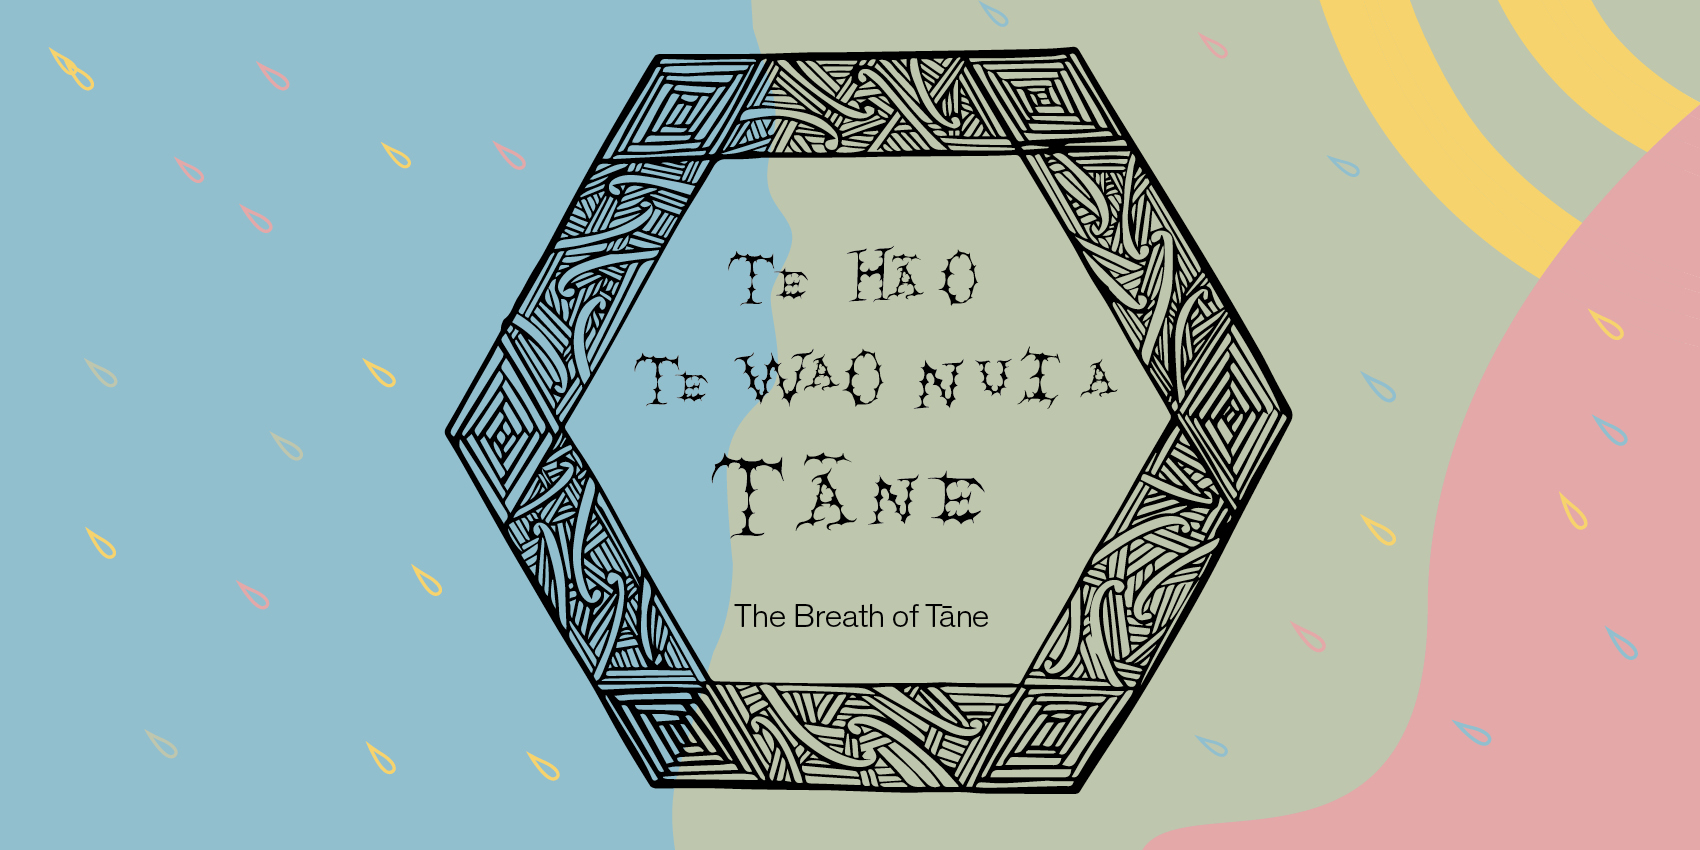 Te Hā o Te Wao Nui a Tāne | The Breath of Tāne